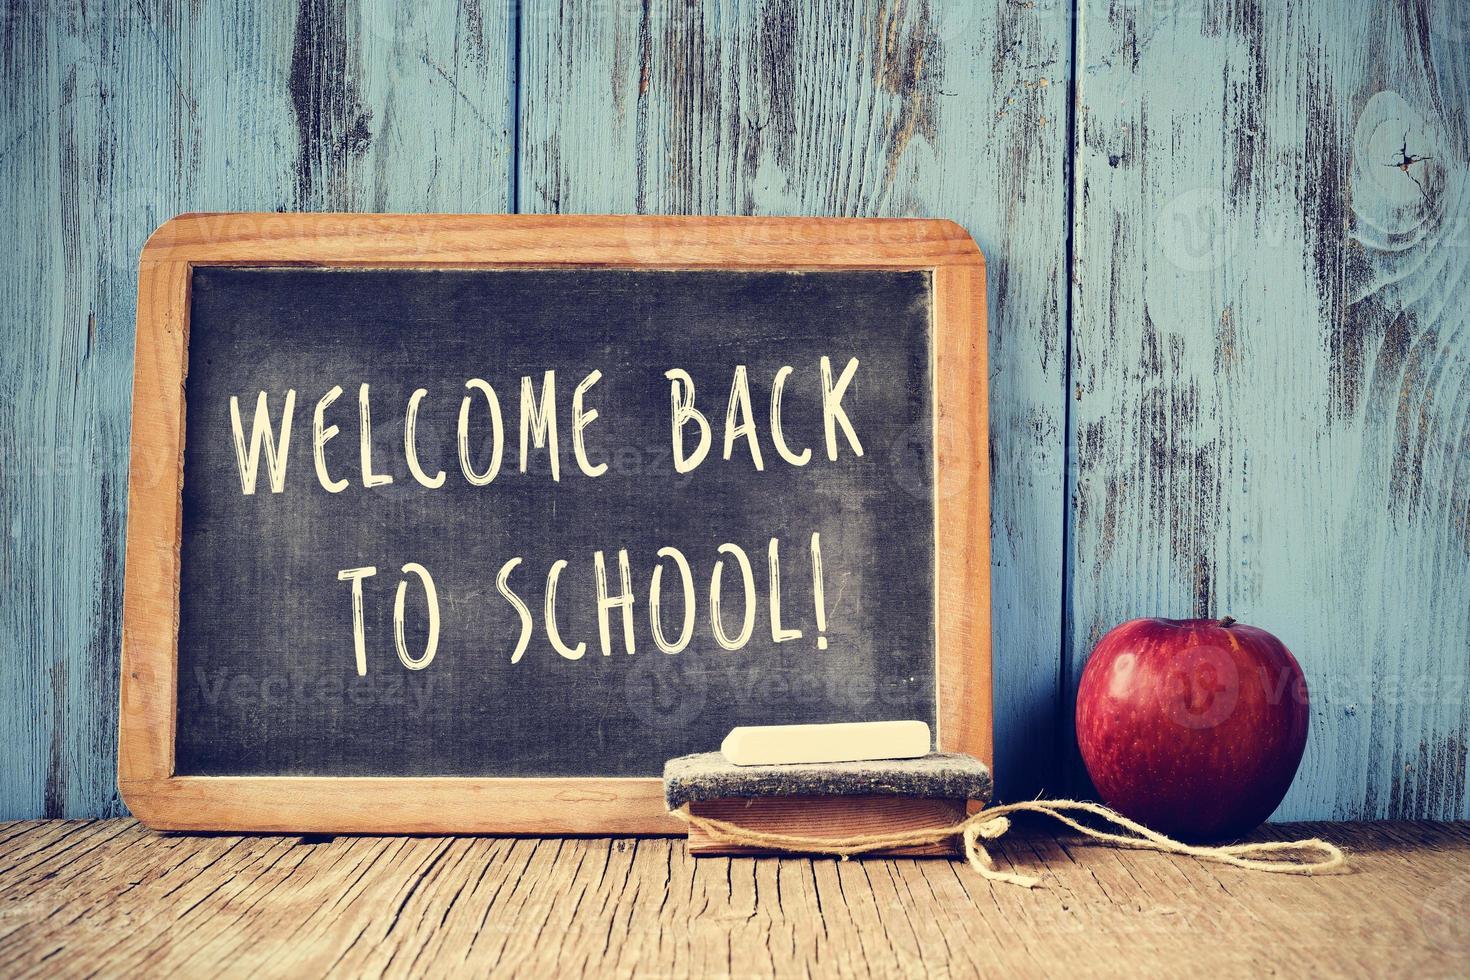 texto de bienvenida a la escuela escrito en una pizarra foto